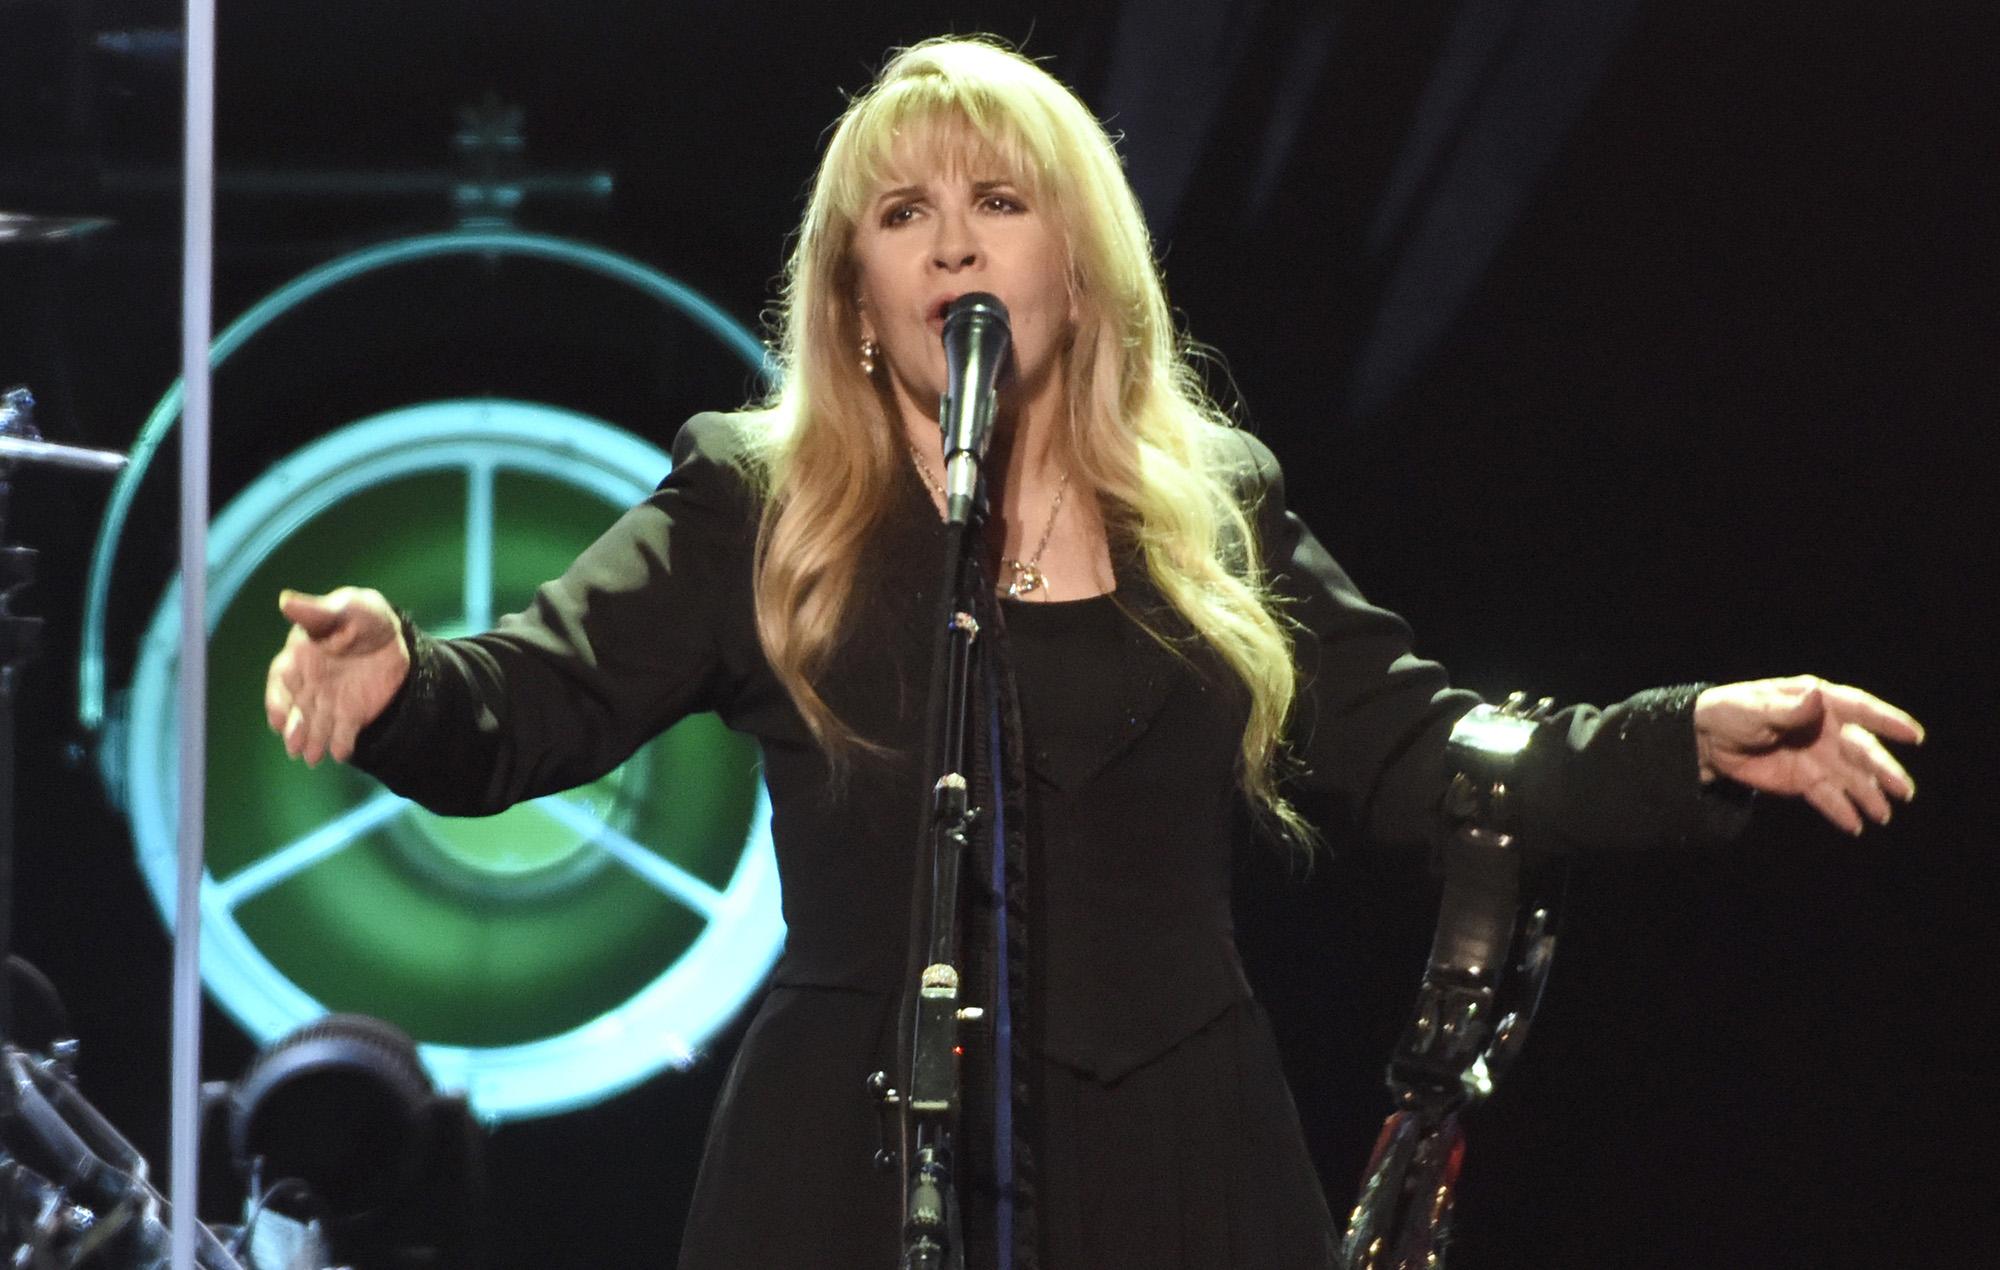 Stevie Nicks during her '24 Karat Gold' tour.